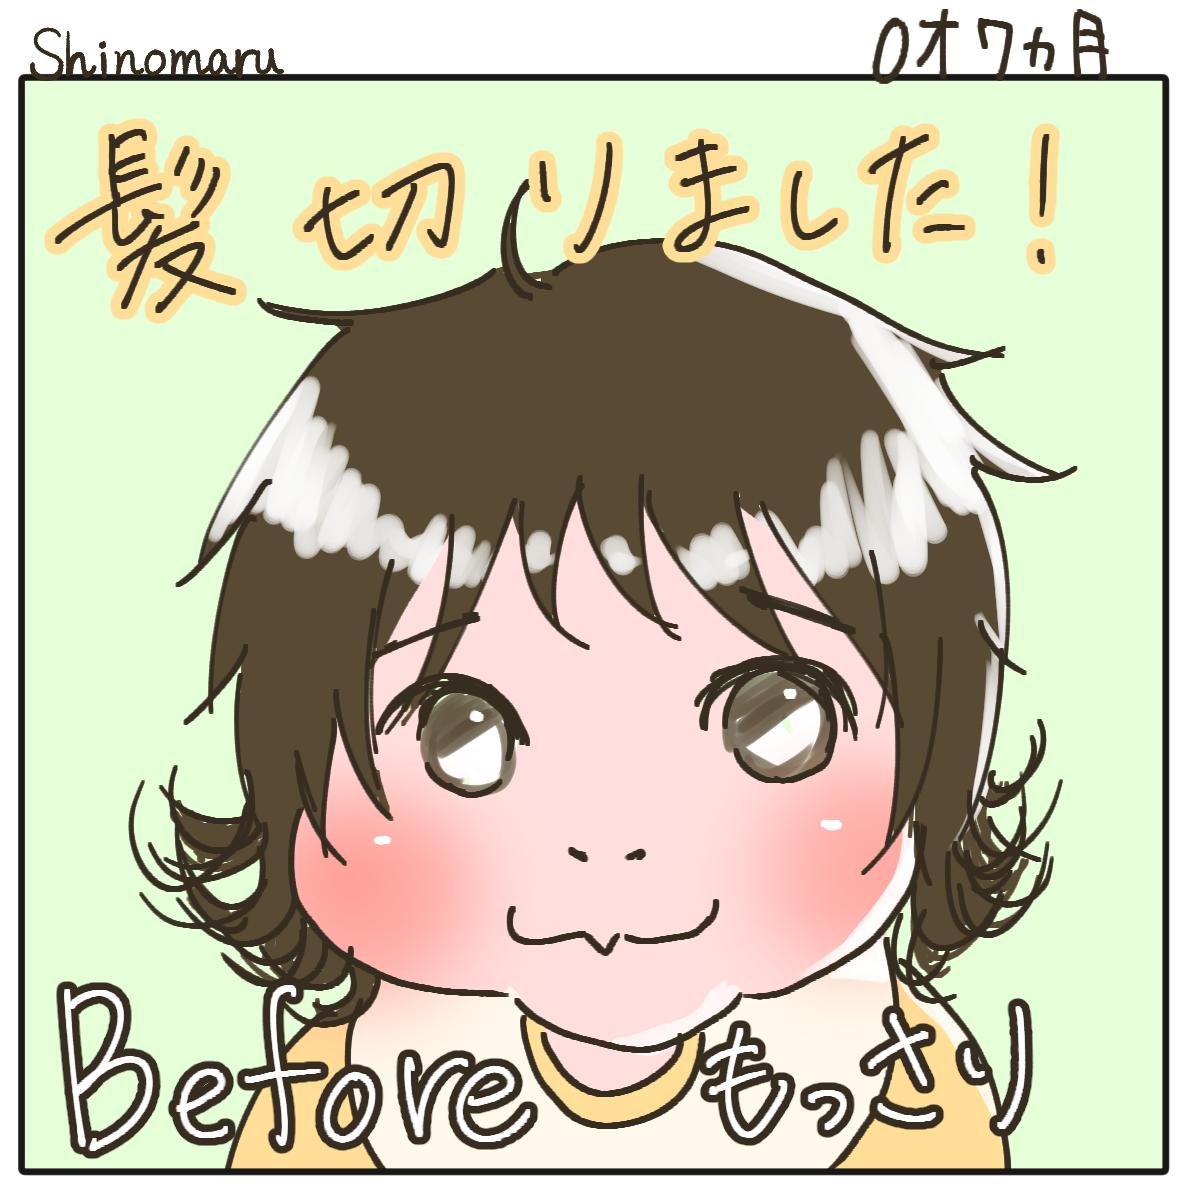 f:id:Shinomaru:20210614210631p:plain